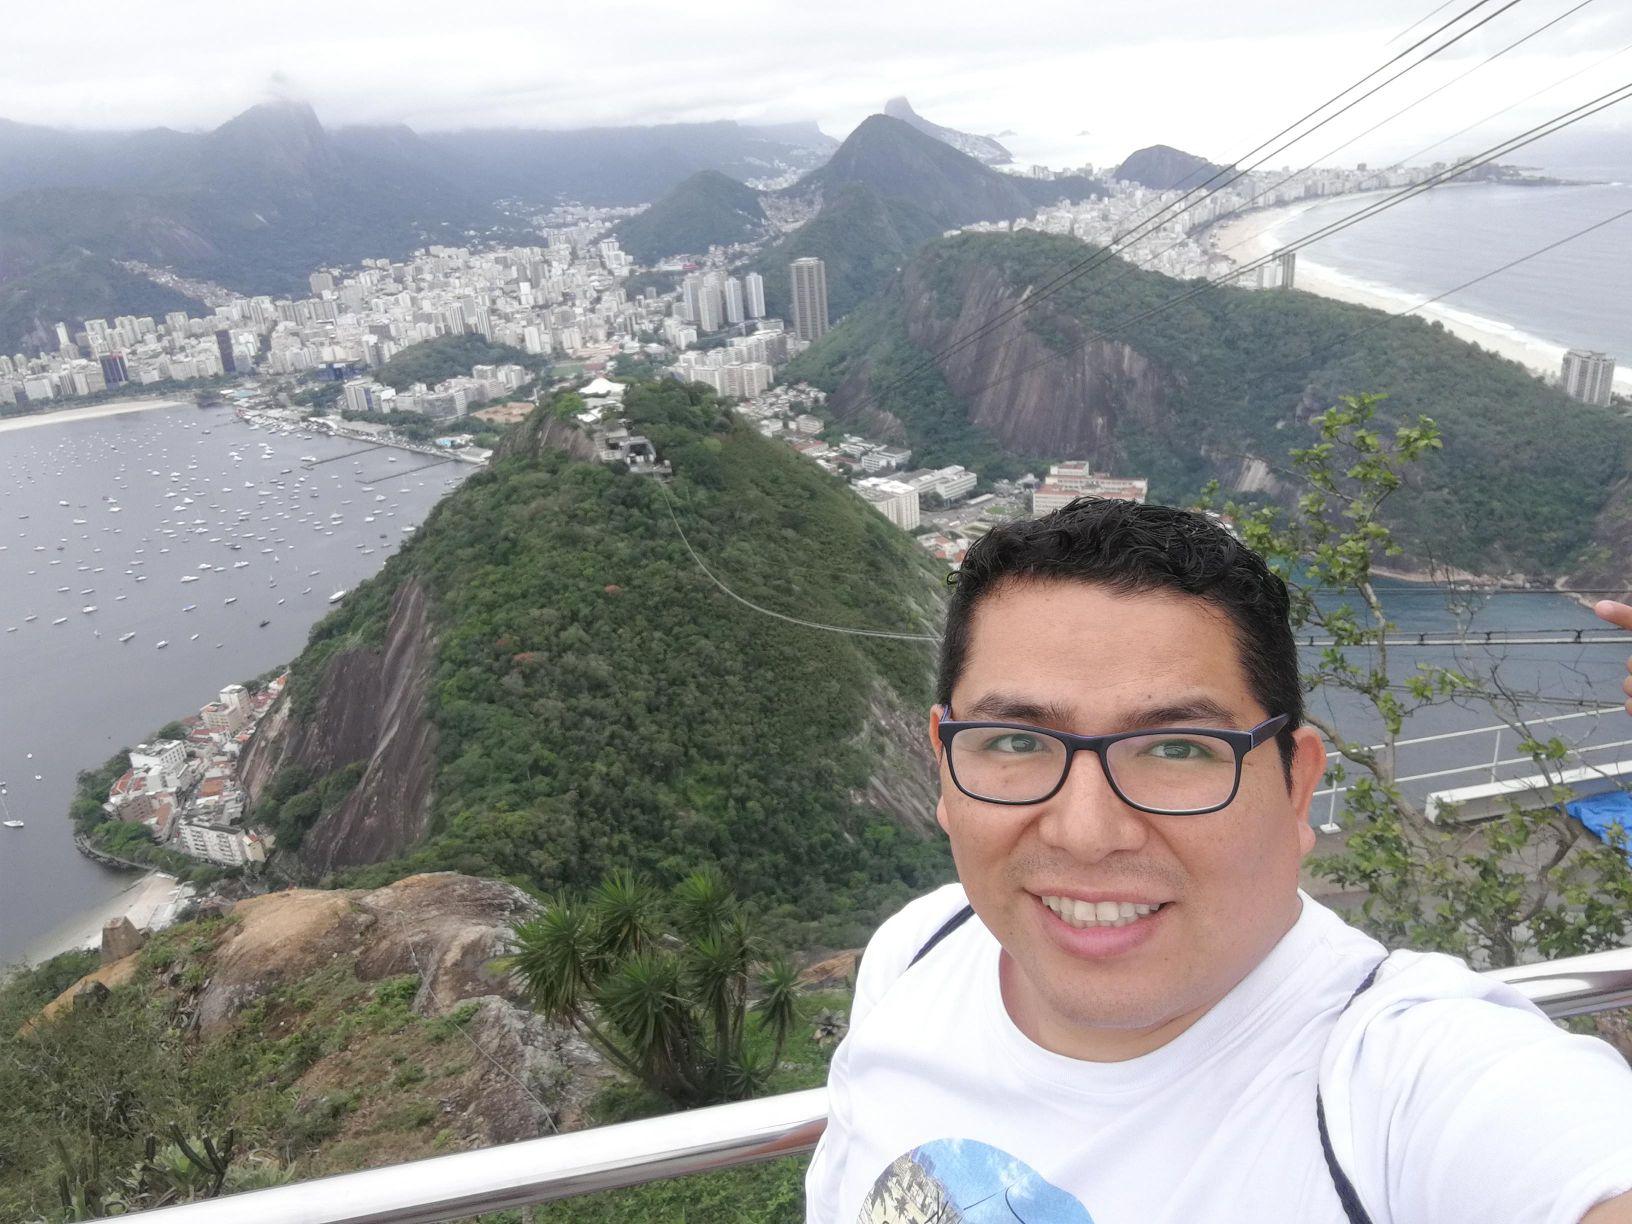 Viajes largos: De Lima a Rio de Janeiro. ¿Qué hacer y cuanto cuesta?